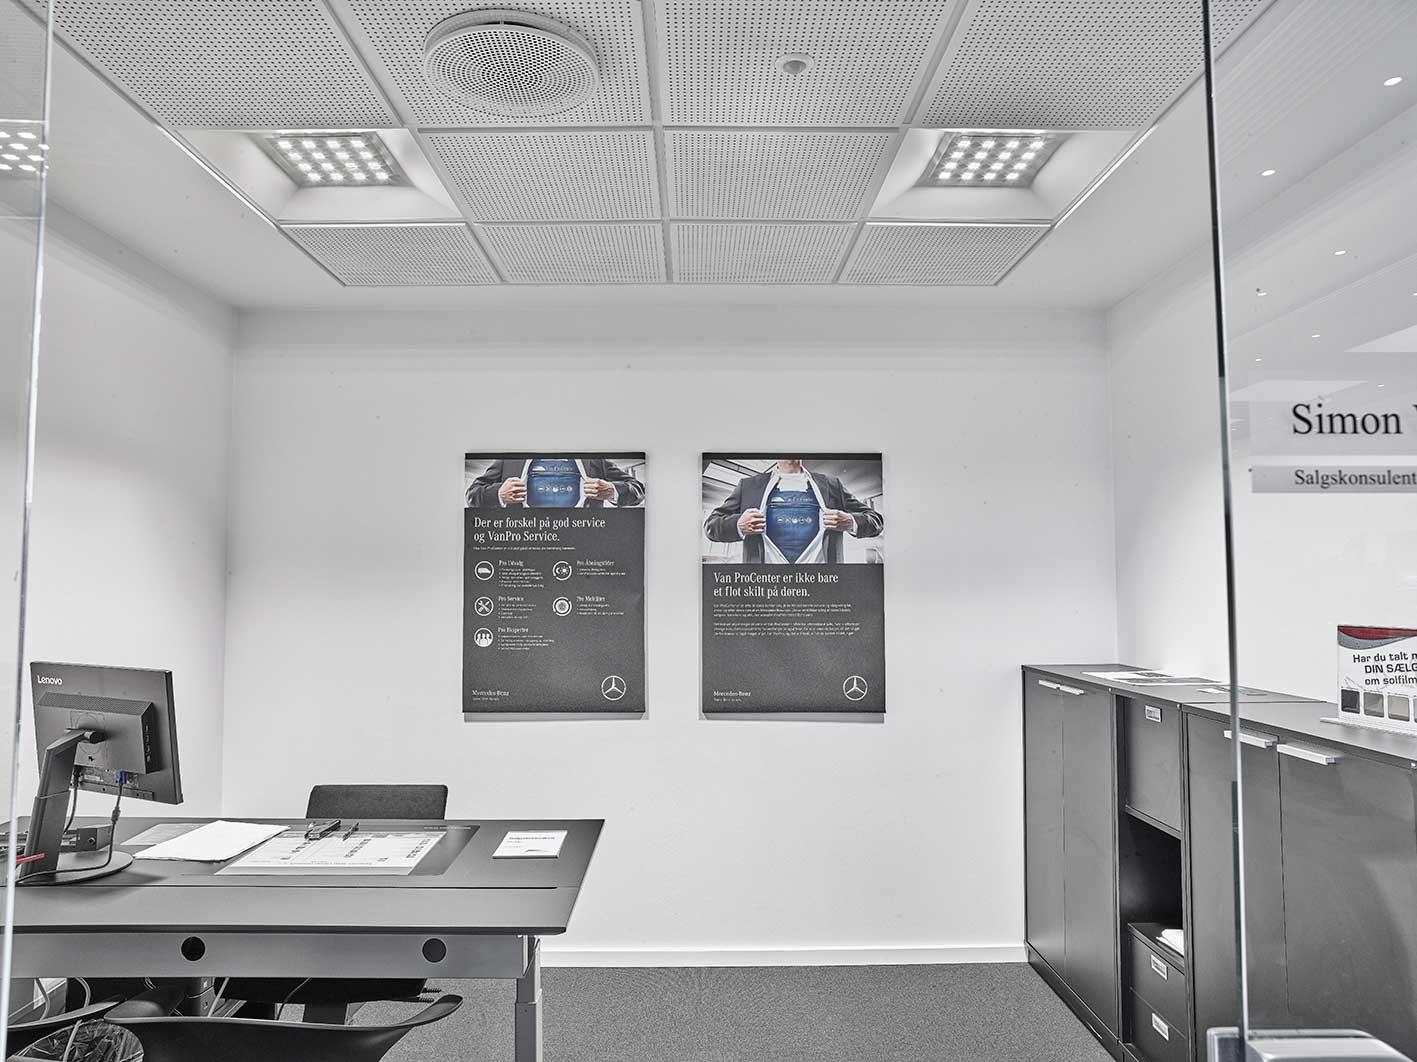 Aviora FL indbygget i loft på kontor - Luminex